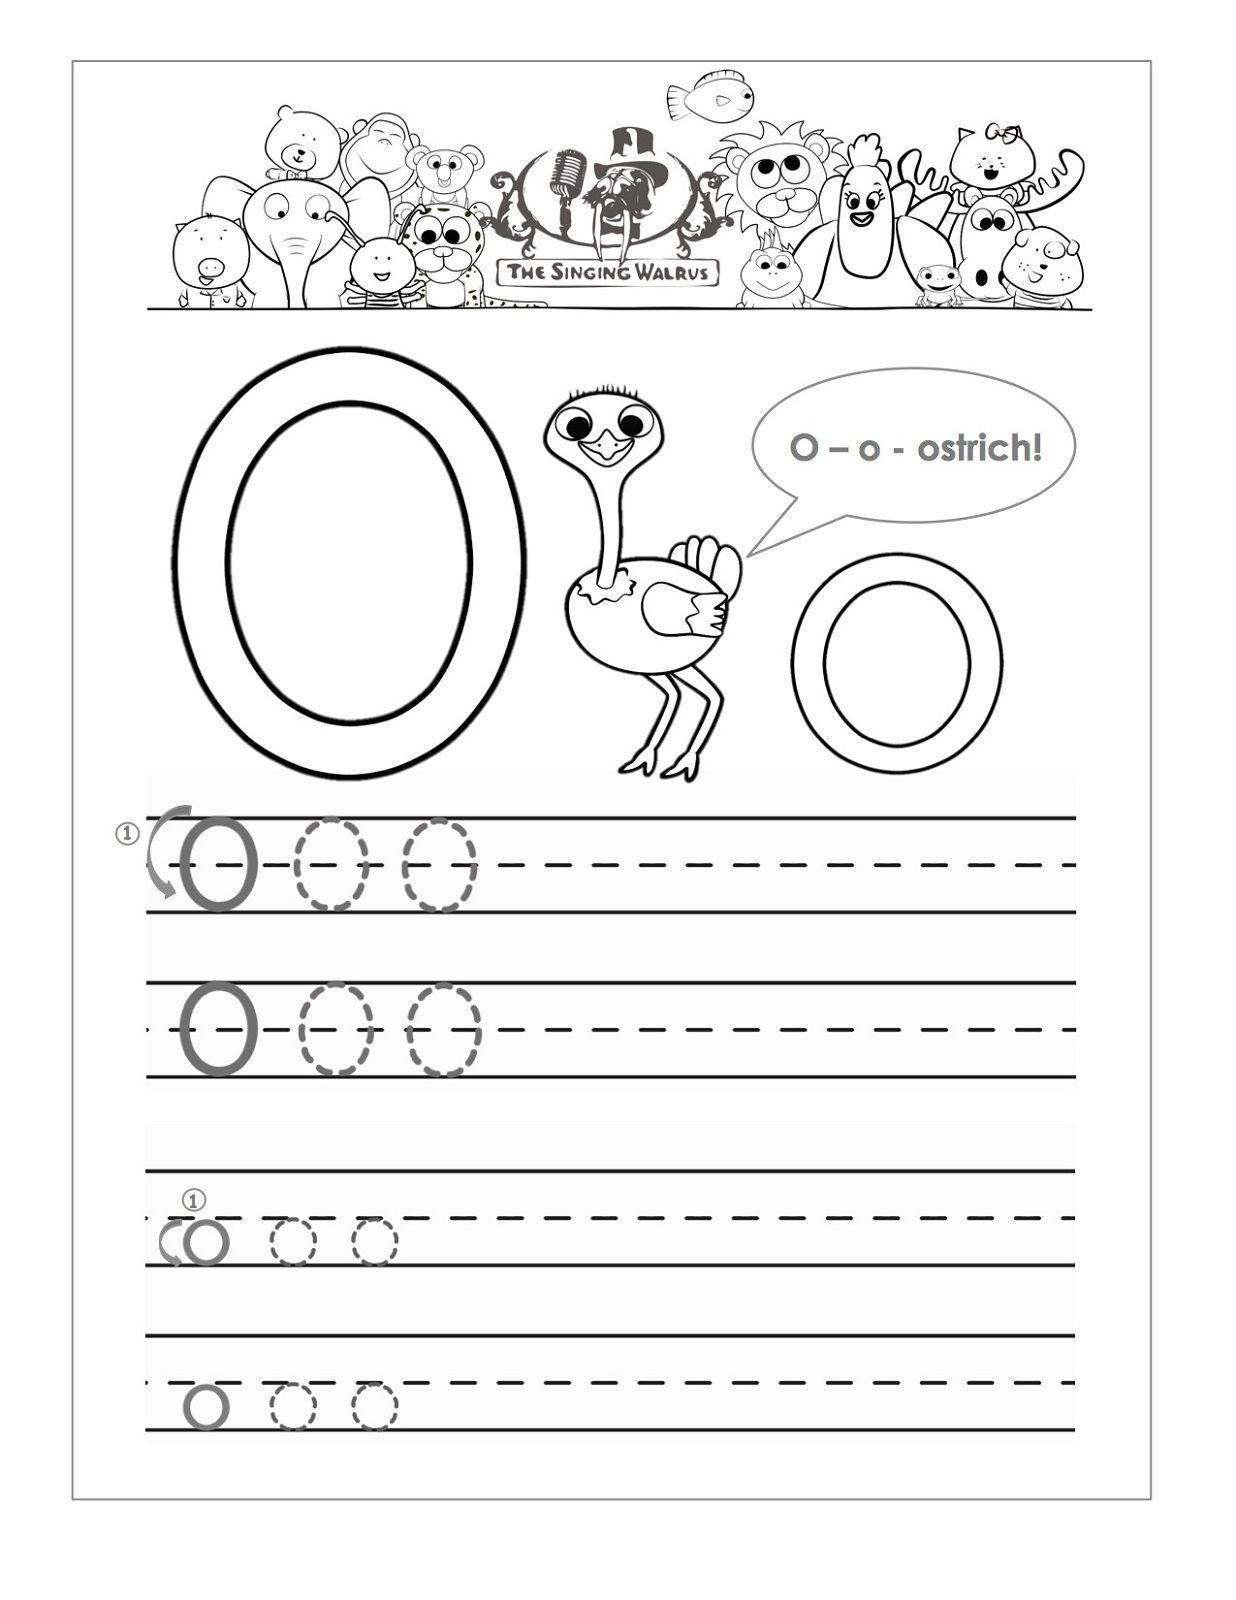 letter o worksheets for preschool kids worksheets printable letter o worksheets letter o. Black Bedroom Furniture Sets. Home Design Ideas